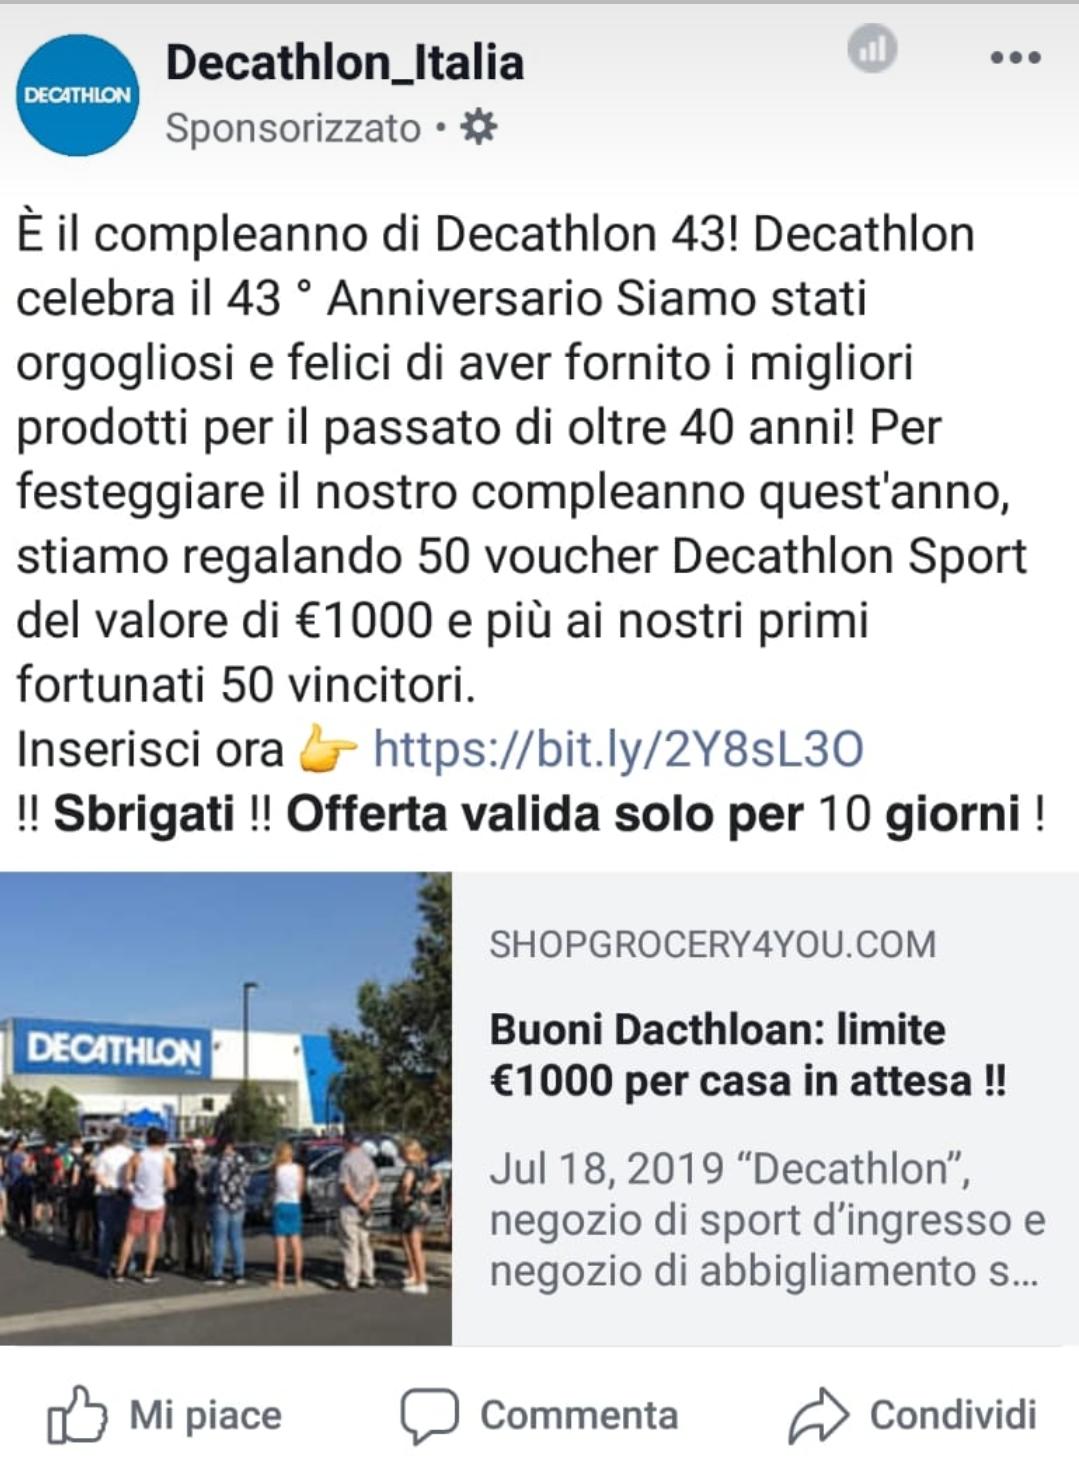 Clicca per ingrandire l'immagine del post sponsorizzato su FB di DECATHLON che offre la possibilità di vincere un voucher del valore di 1000 Euro ma che in realtà è una TRUFFA!